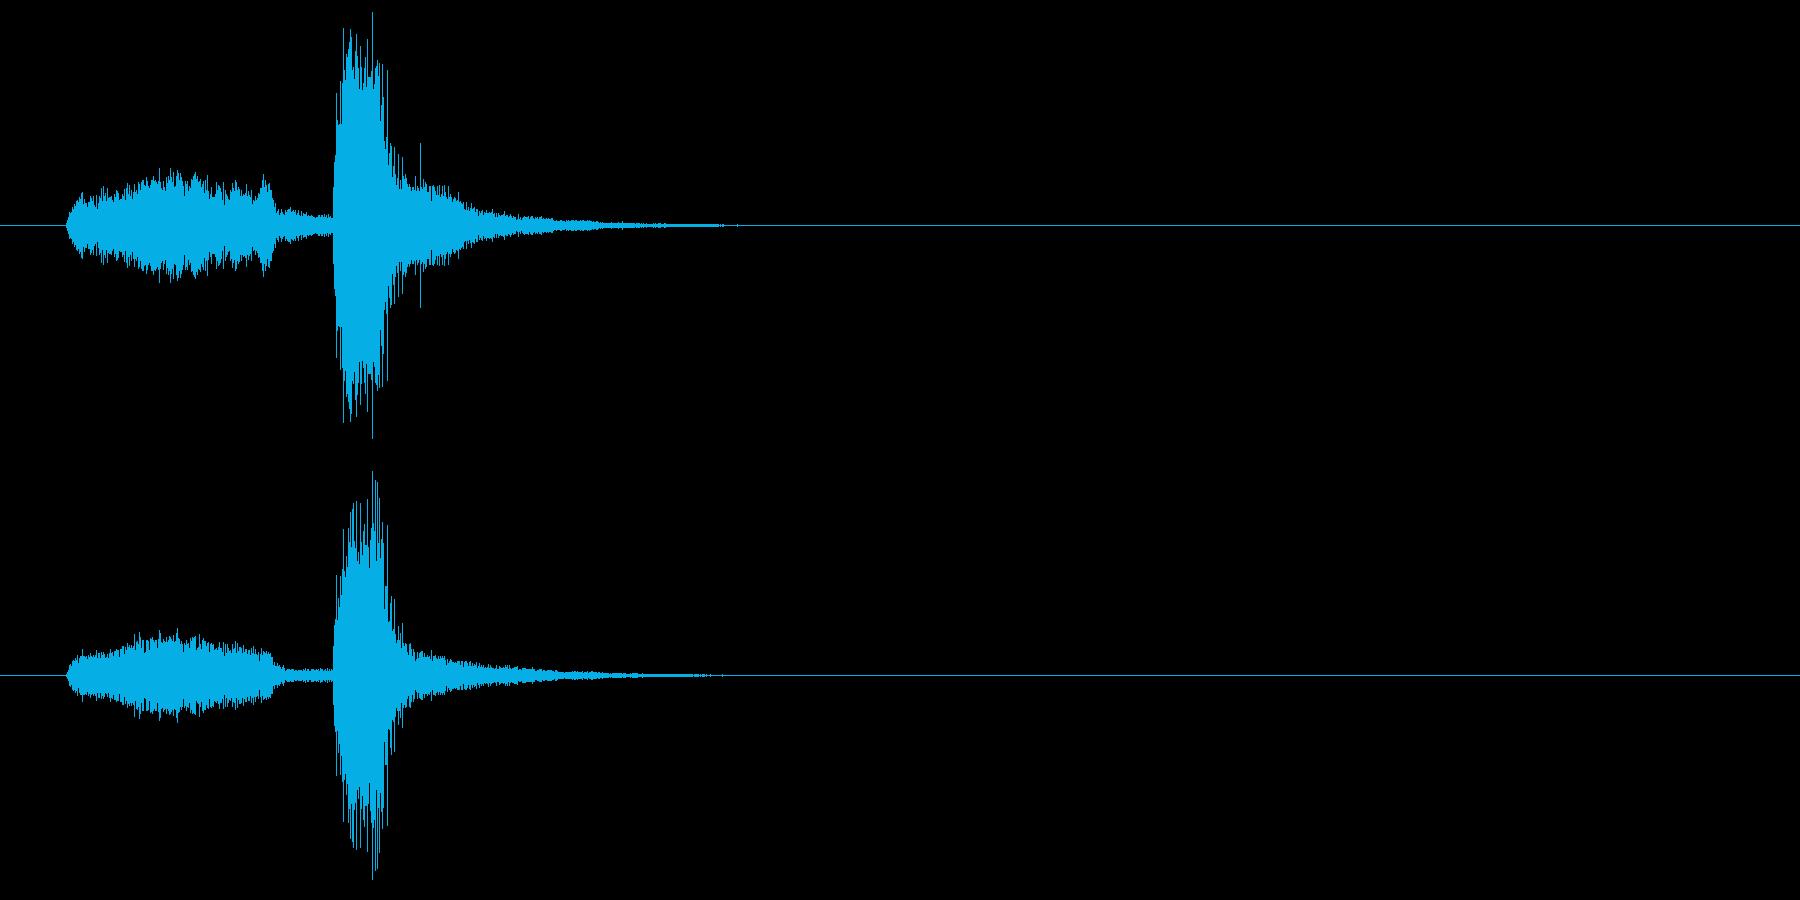 ジングル(ギャグ系)の再生済みの波形